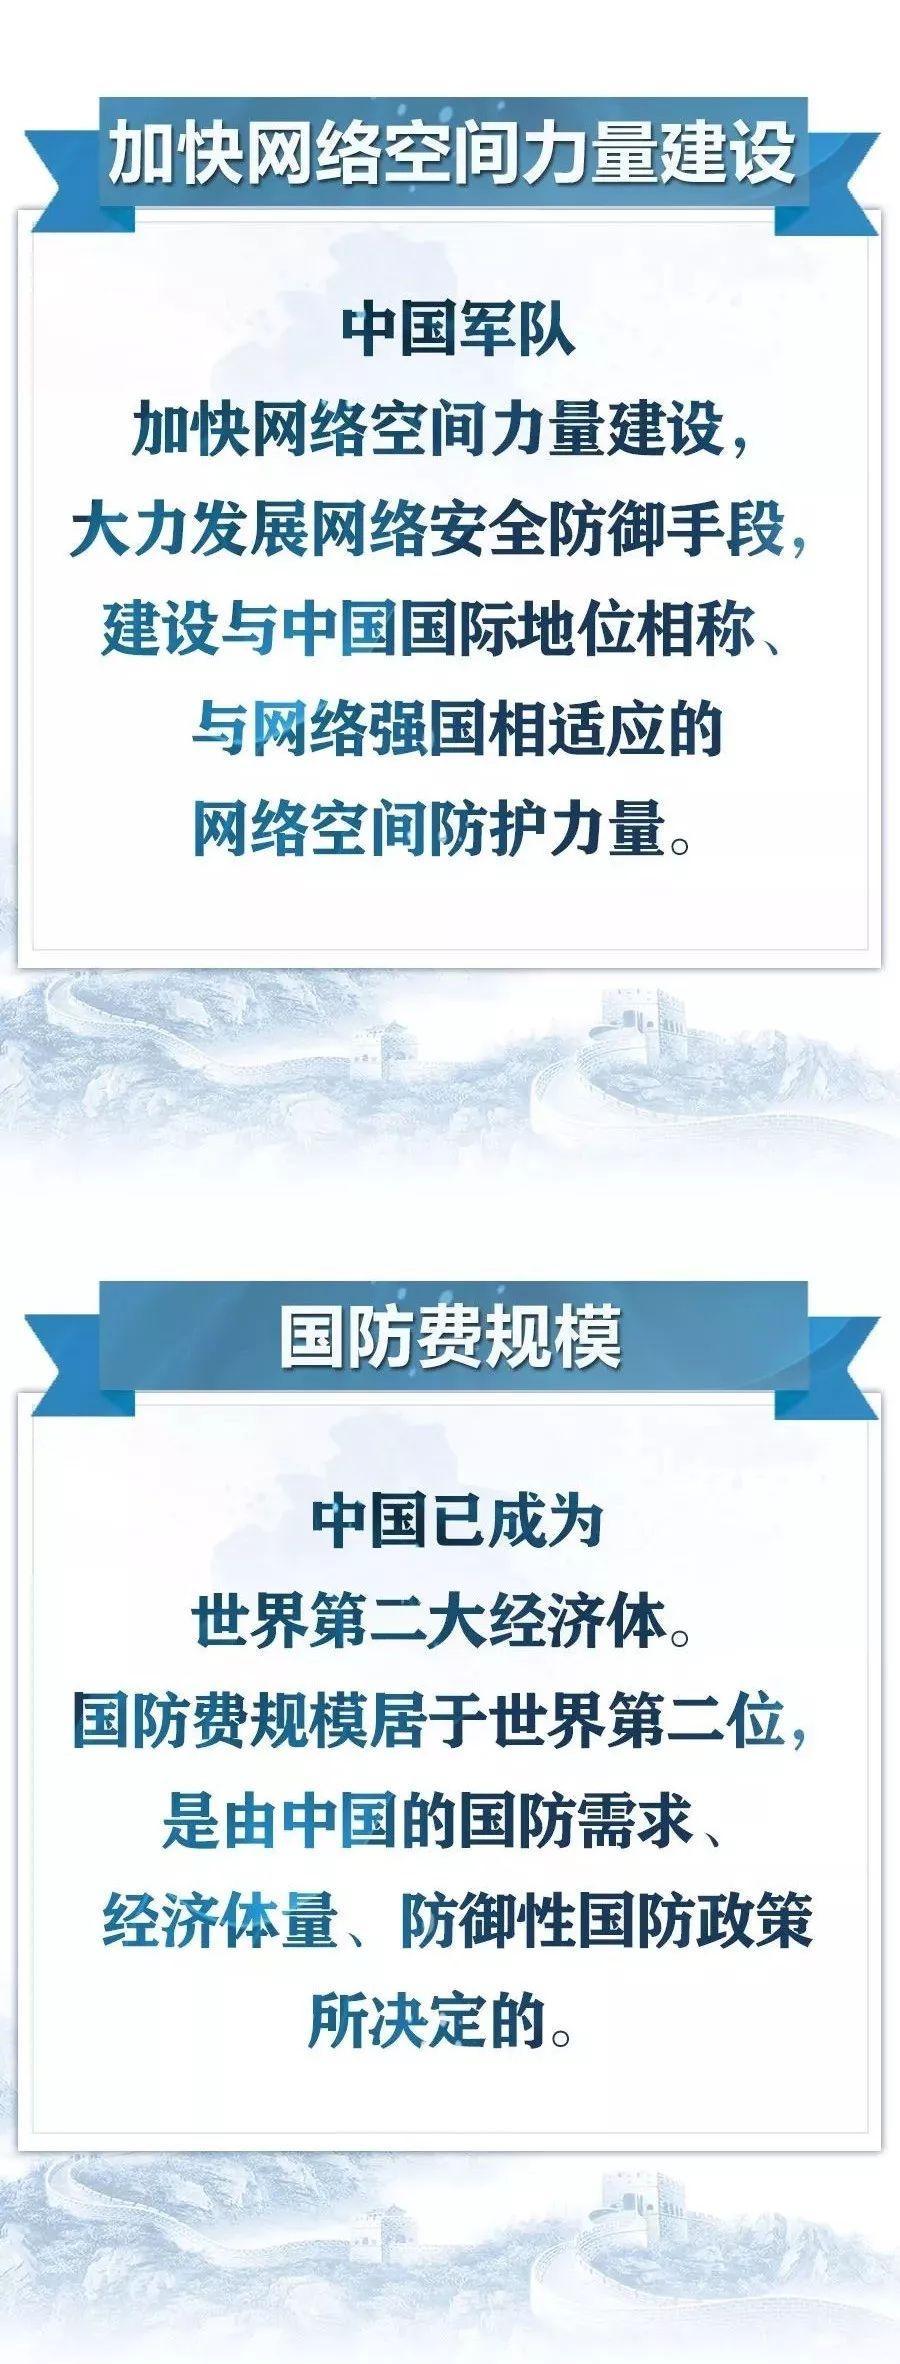 《新時代的中國國防》白皮書:中國軍隊將不惜一切代價。捍衛國家統一! - 壹讀